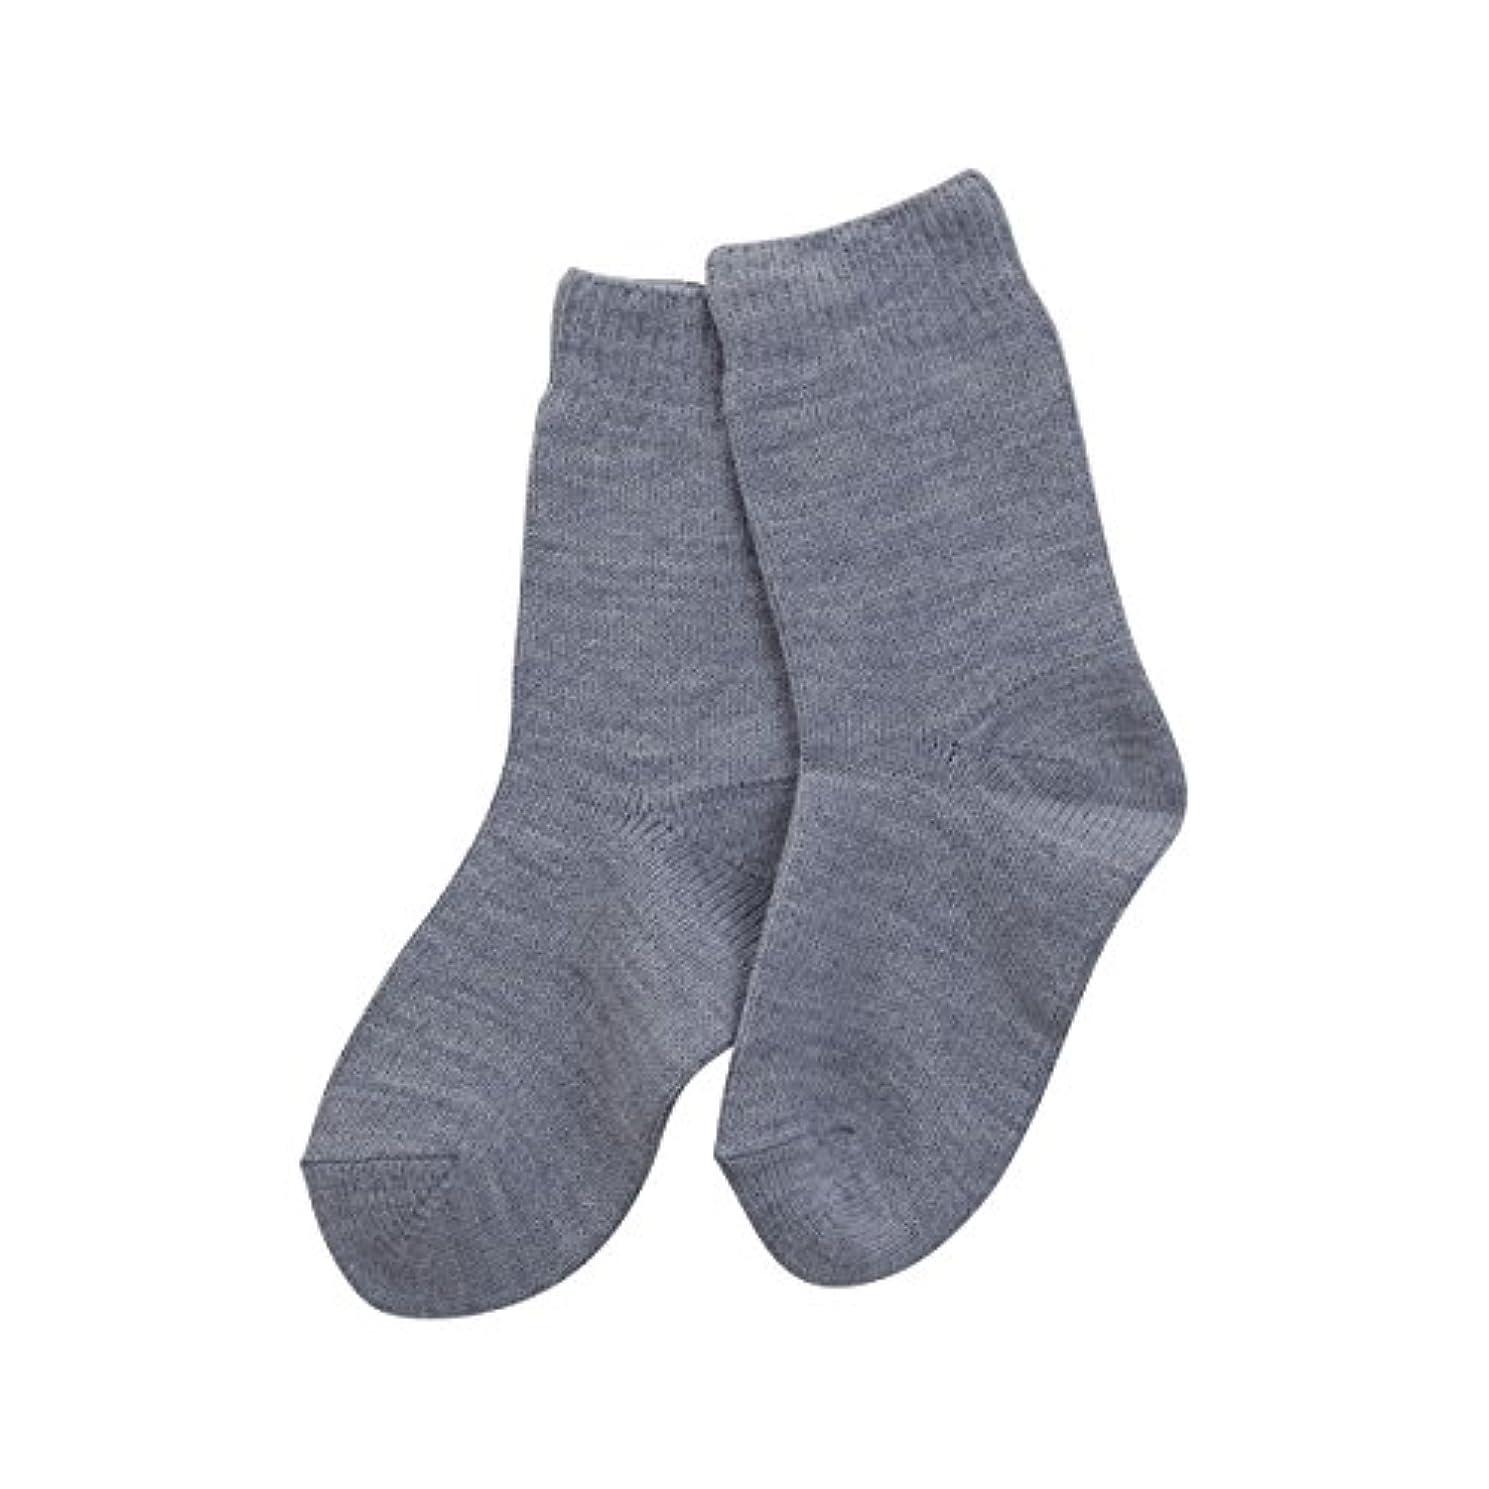 周術期タイムリーなペナルティ(コベス) KOBES ゴムなし 毛混 超ゆったり特大サイズ 大きいサイズ 靴下 日本製 婦人靴下